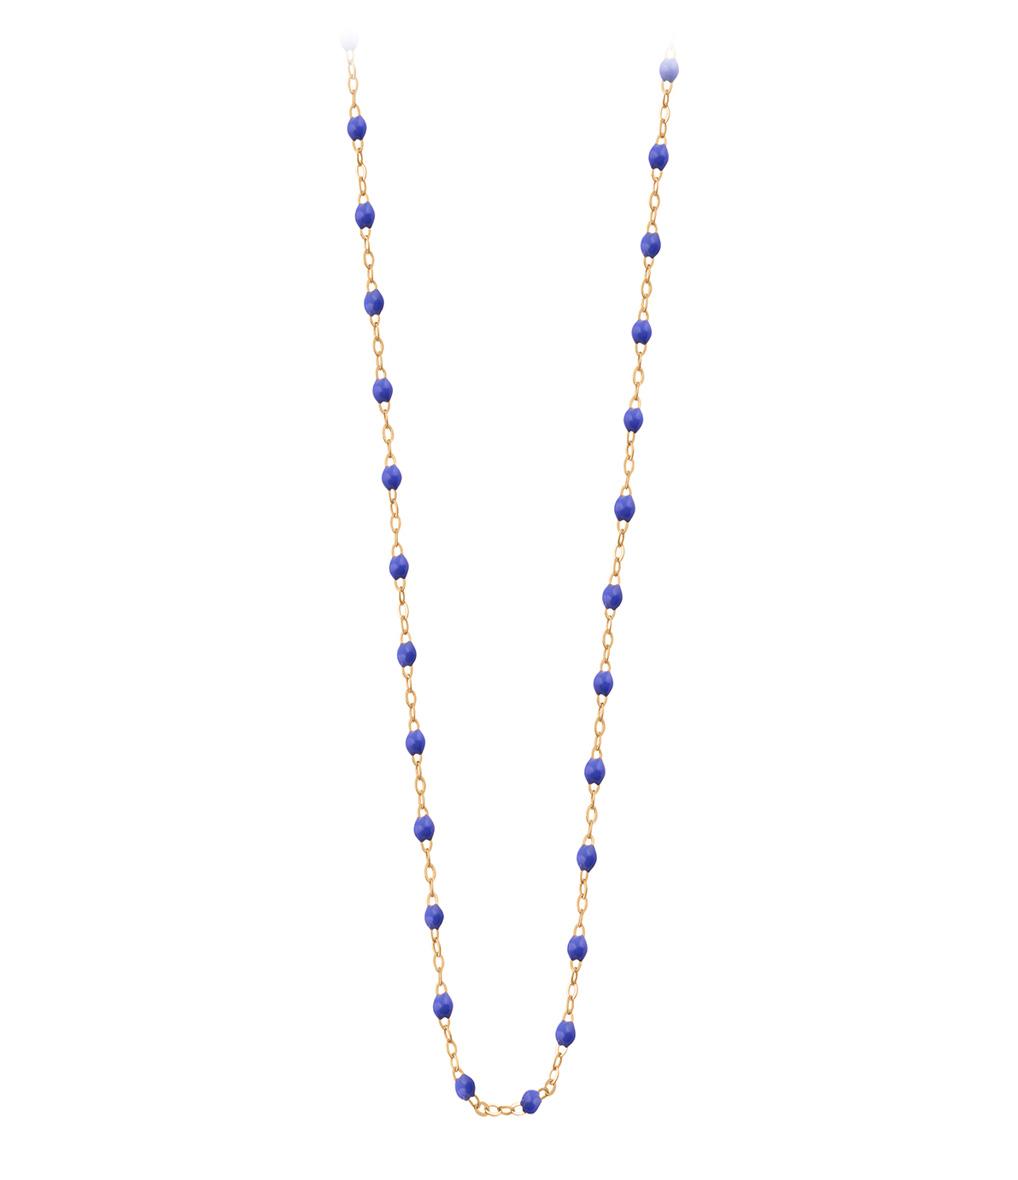 Collier Perles Résine 60cm